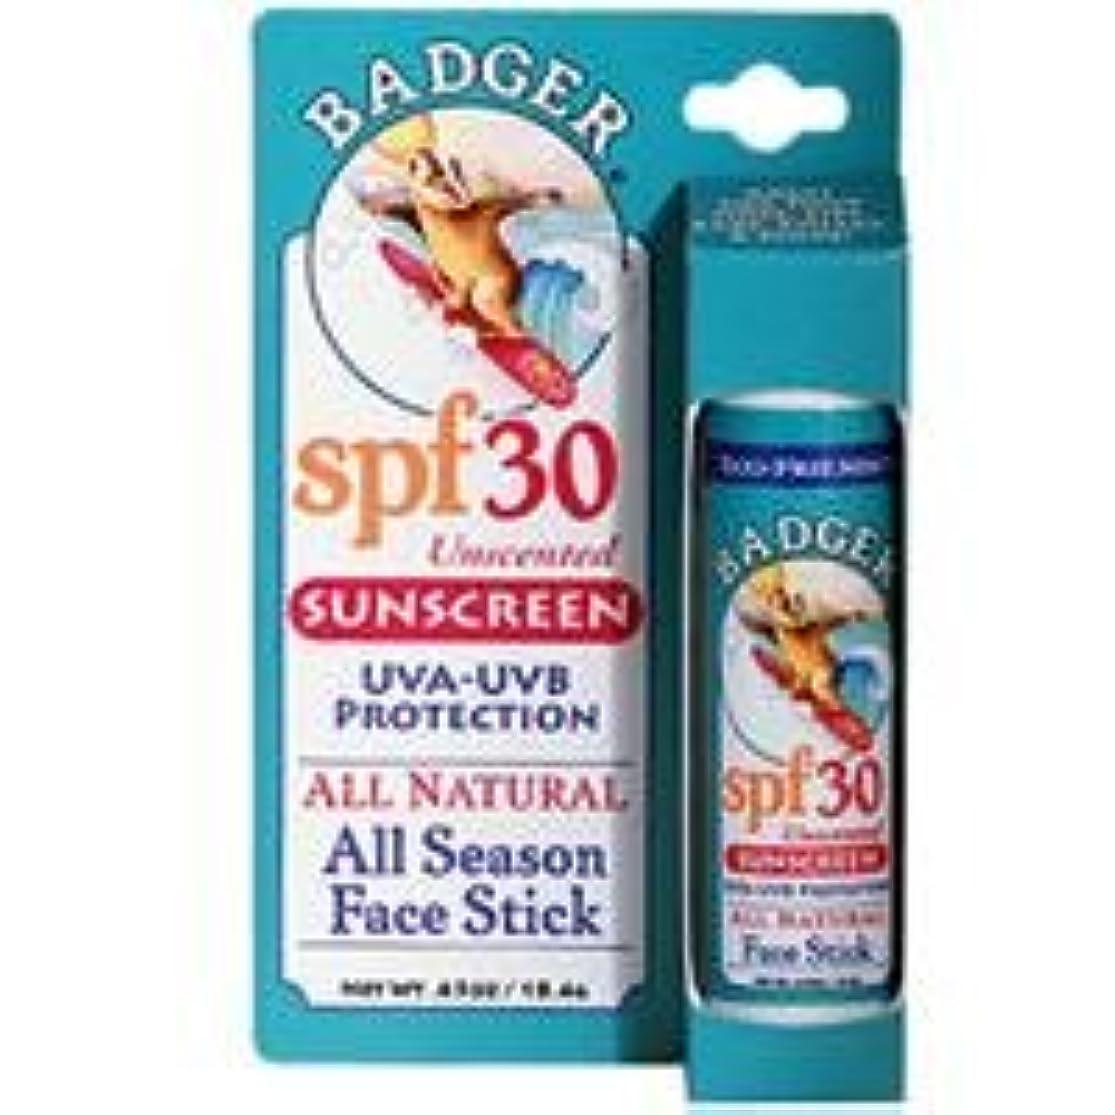 触手近似灌漑[海外直送品] バジャー(Badger) フェイススティック サンスクリーン SPF30 18.4g (無香料)